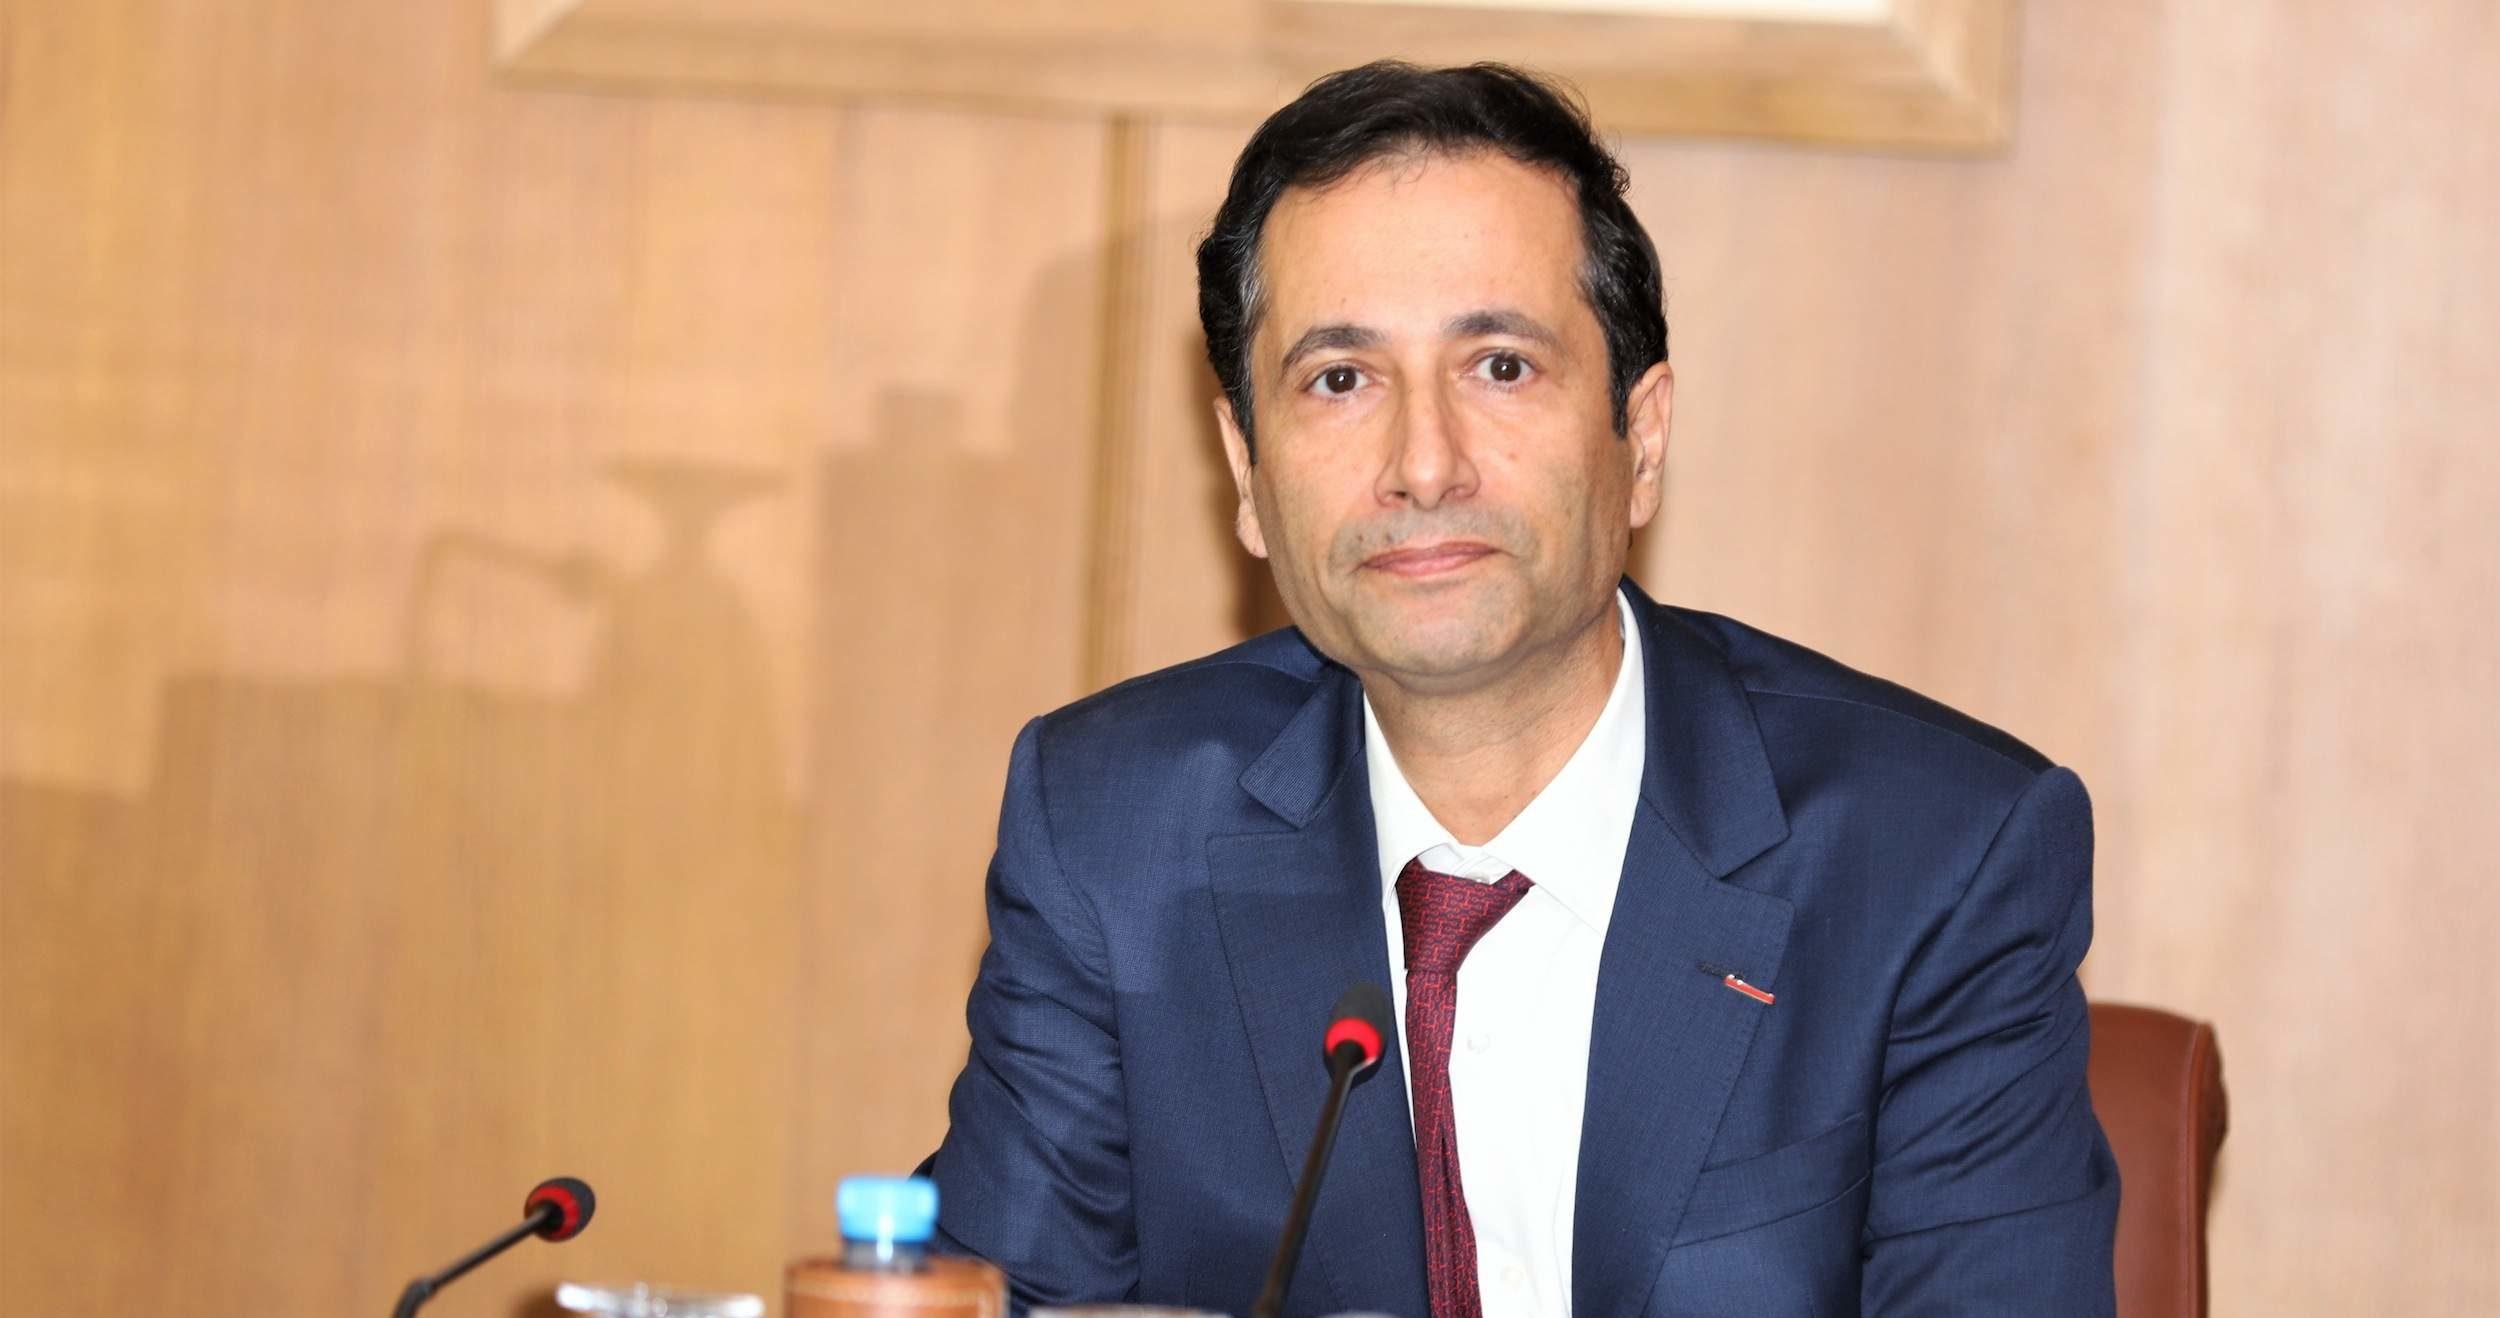 300 مليون أورو قروض من البنك الأوروبي لإعادة الاعمار لثلاث مؤسسات مغربية